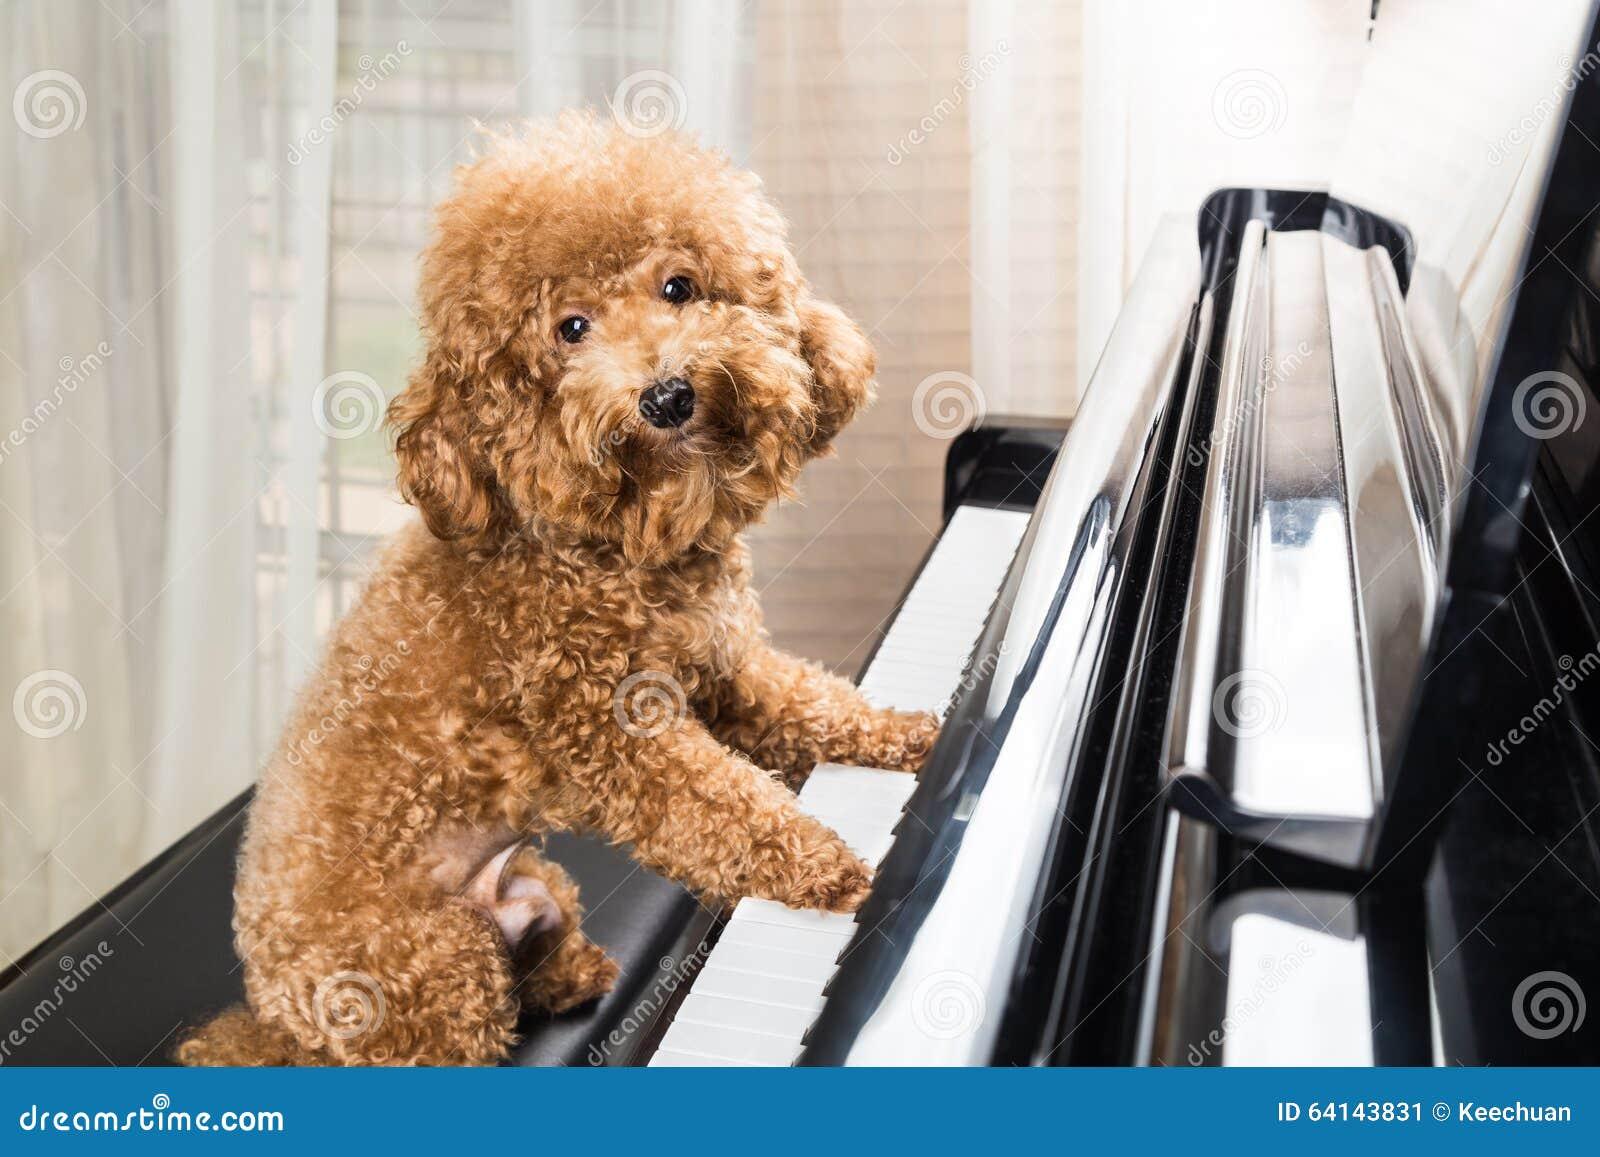 Konzept des netten Pudelhundes, der sich vorbereitet, Flügel zu spielen